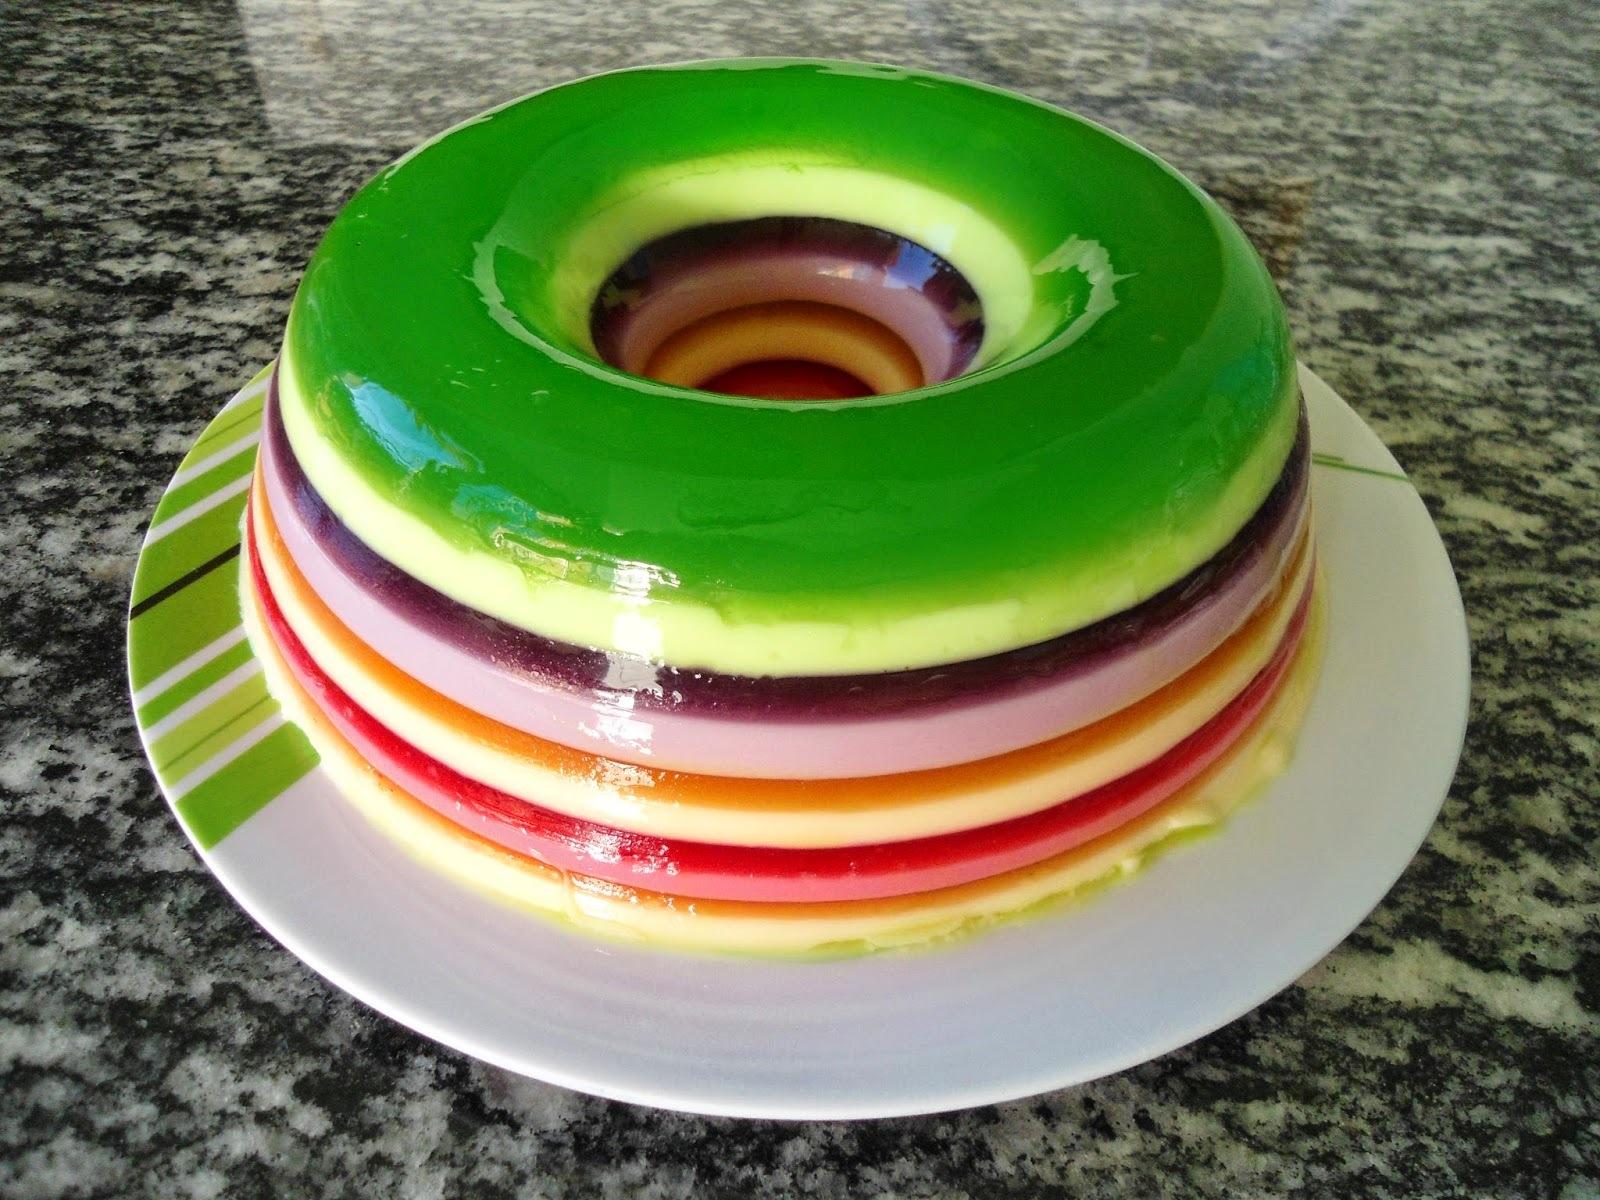 Gelatina colorida (arco-íris)